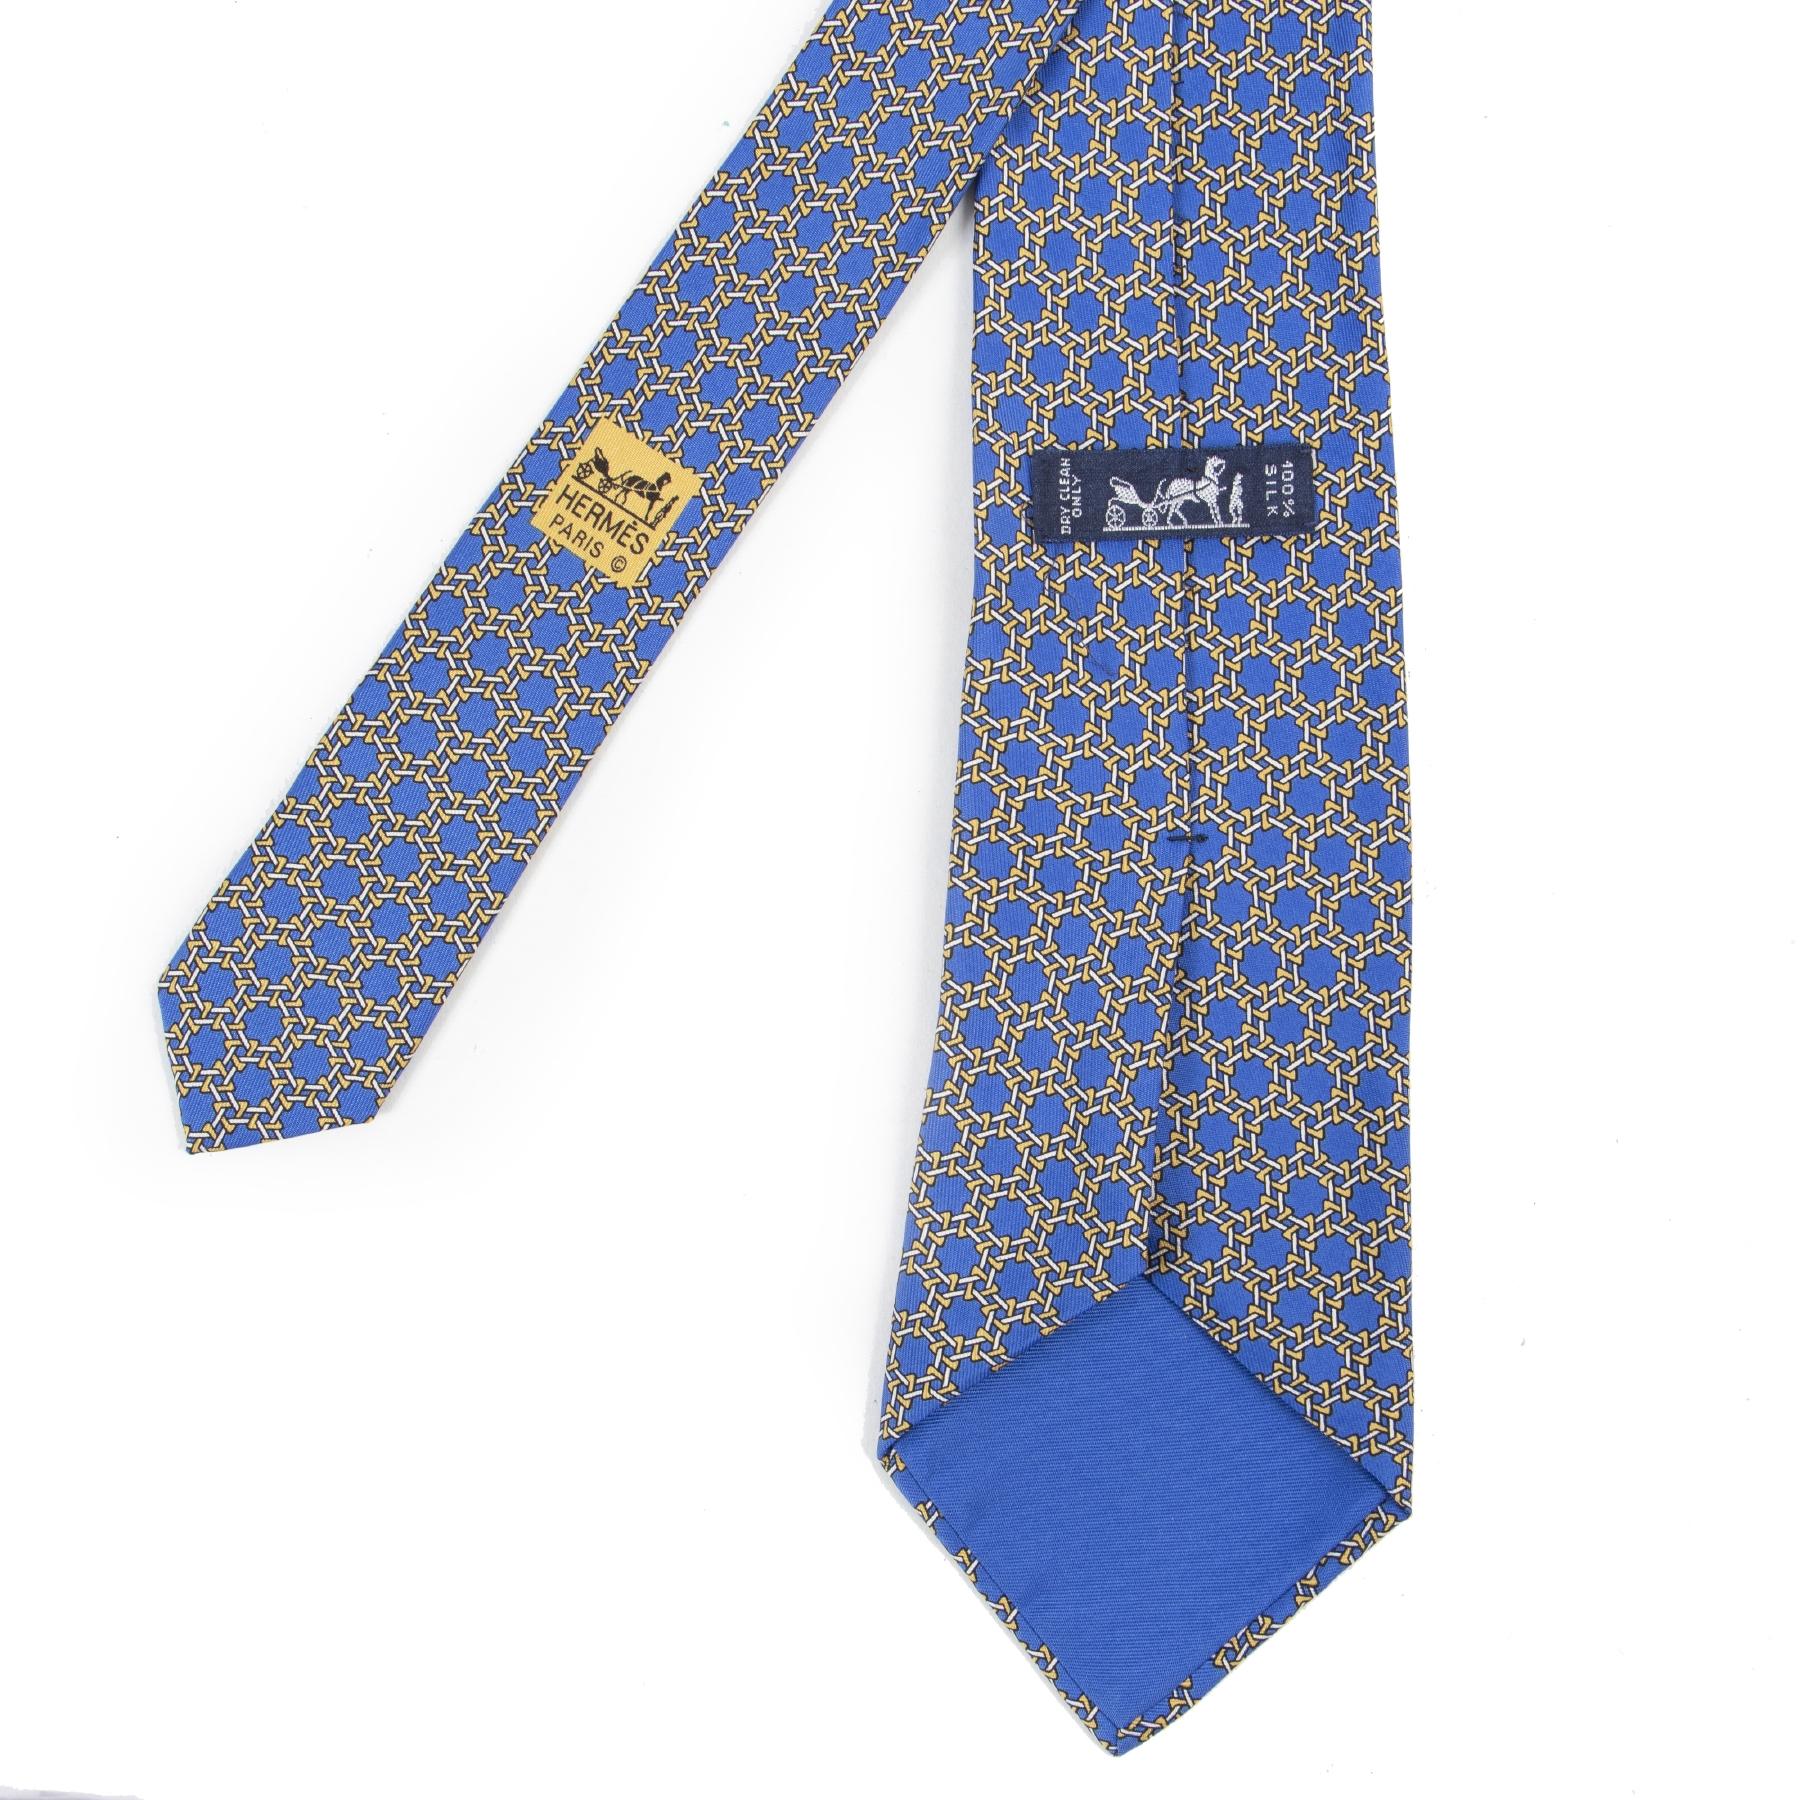 Authentieke Tweedehands Hermès Blue Decorated Tie juiste prijs veilig online shoppen luxe merken webshop winkelen Antwerpen België mode fashion